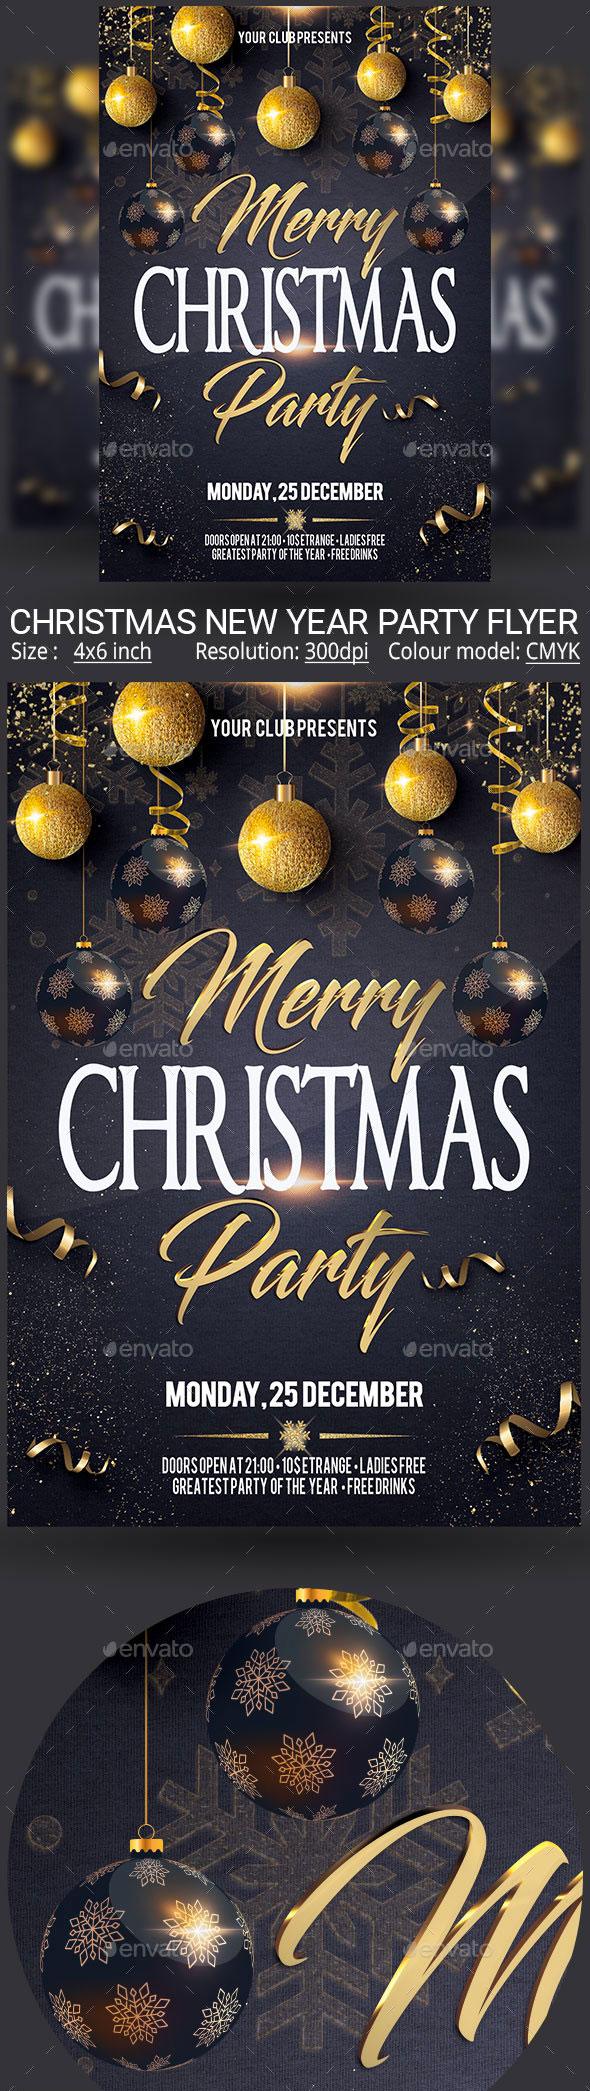 深色圣诞节海报模板[PSD]